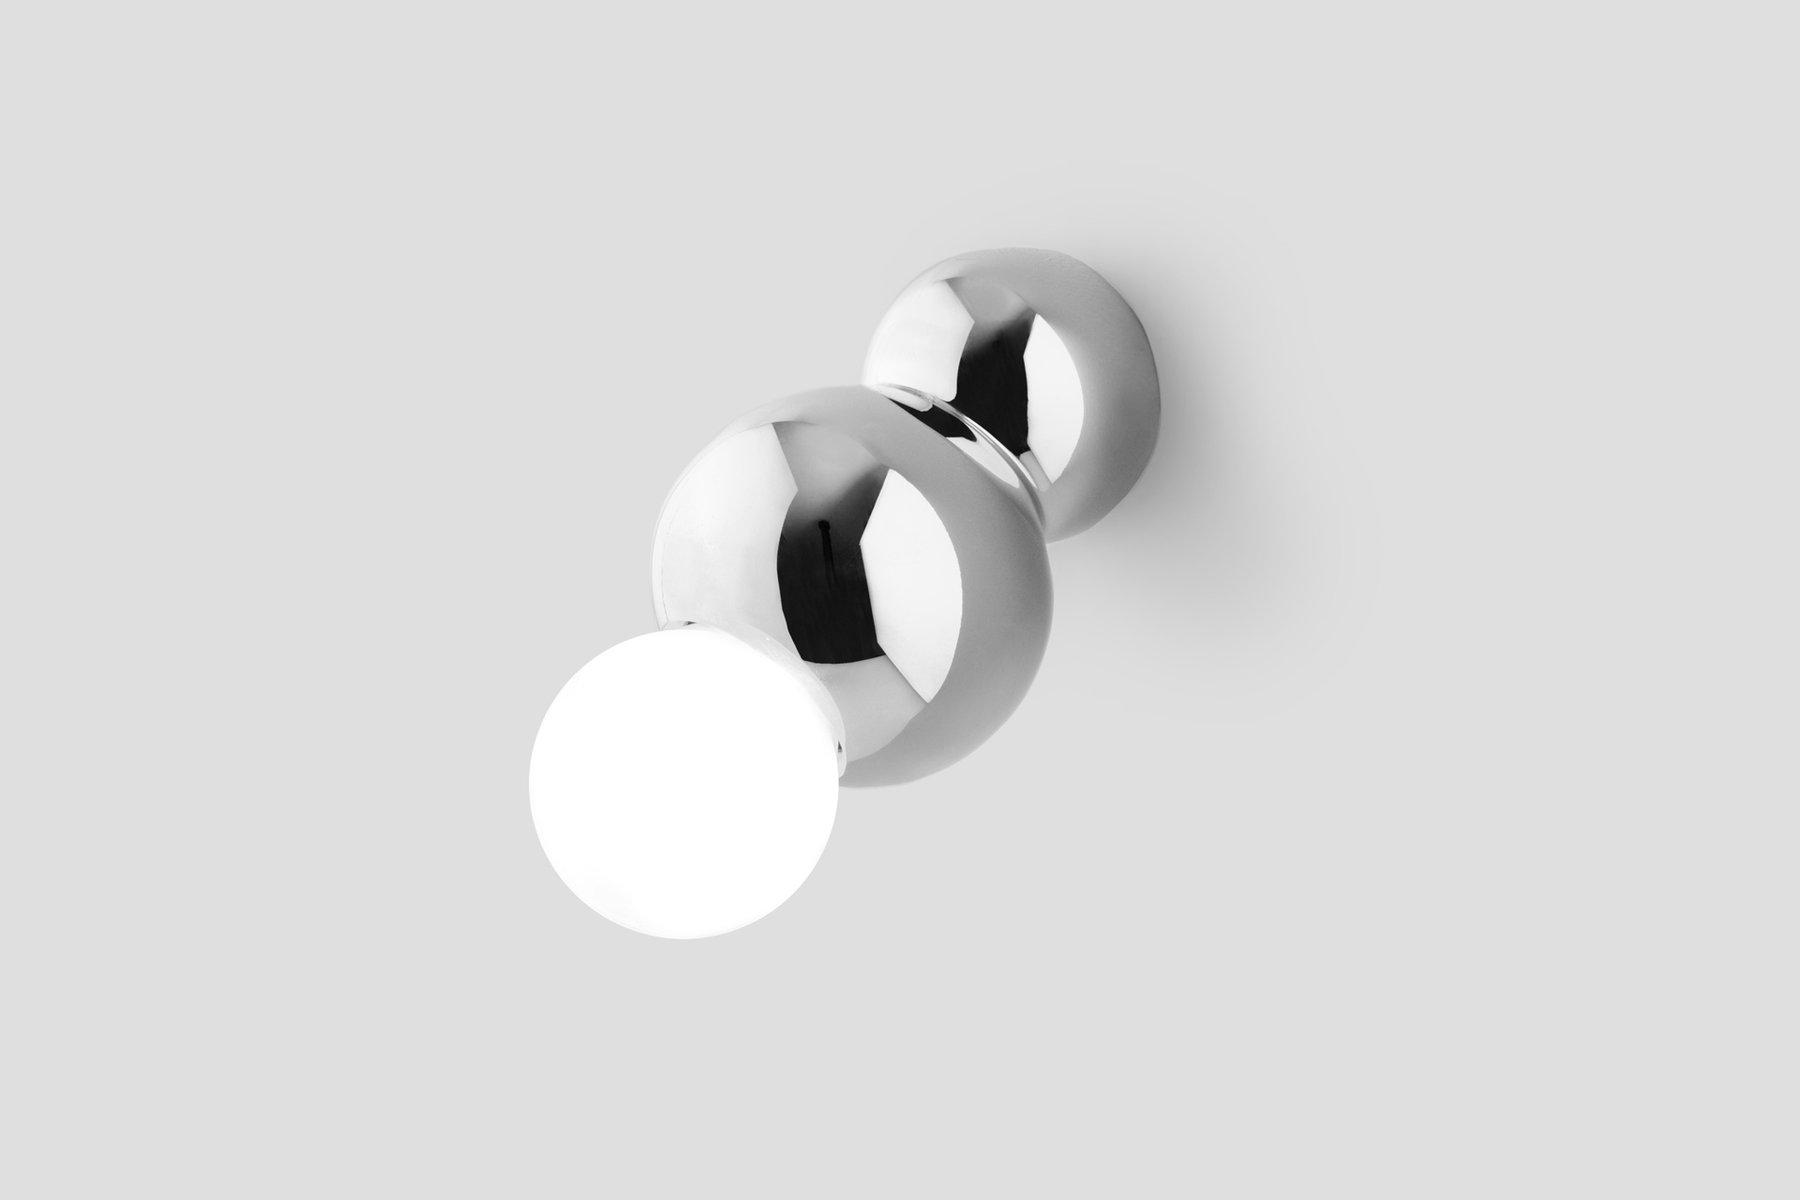 Silberne Wandmontierte Kugellampe von Michael Anastassiades